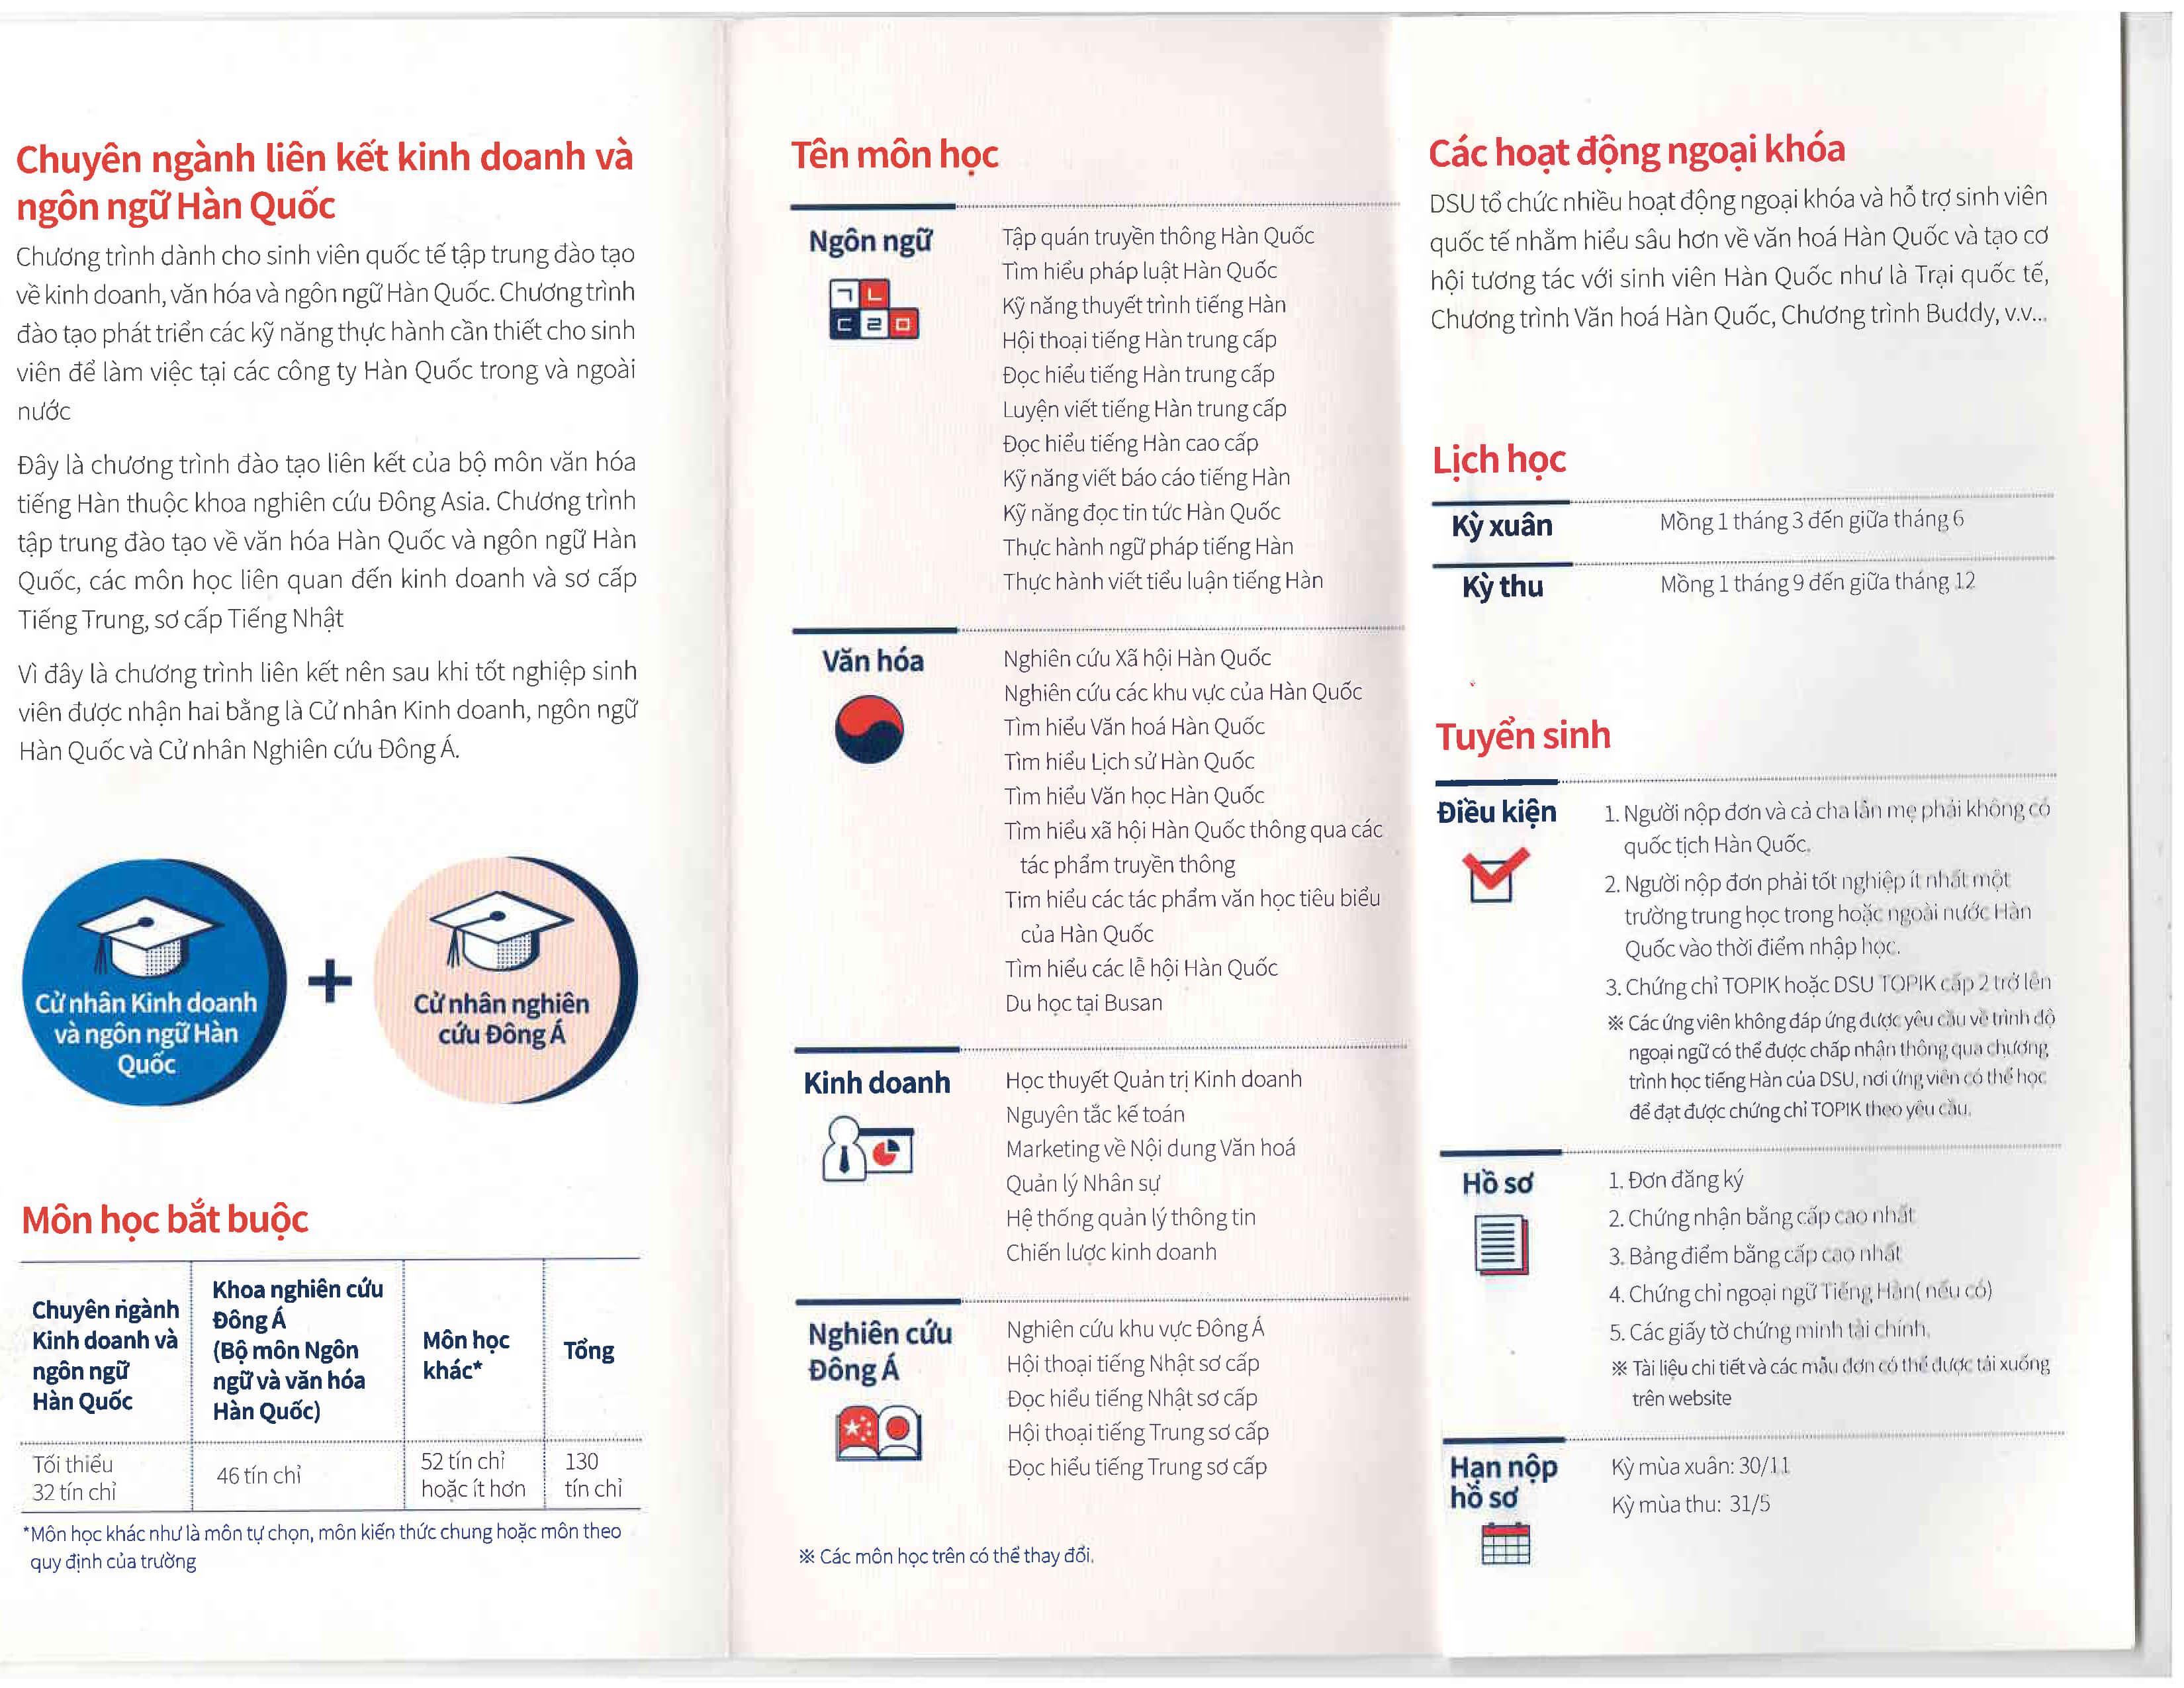 Đại học Dongseo – chuyên ngành liên kết kinh doanh và ngôn ngữ Hàn Quốc